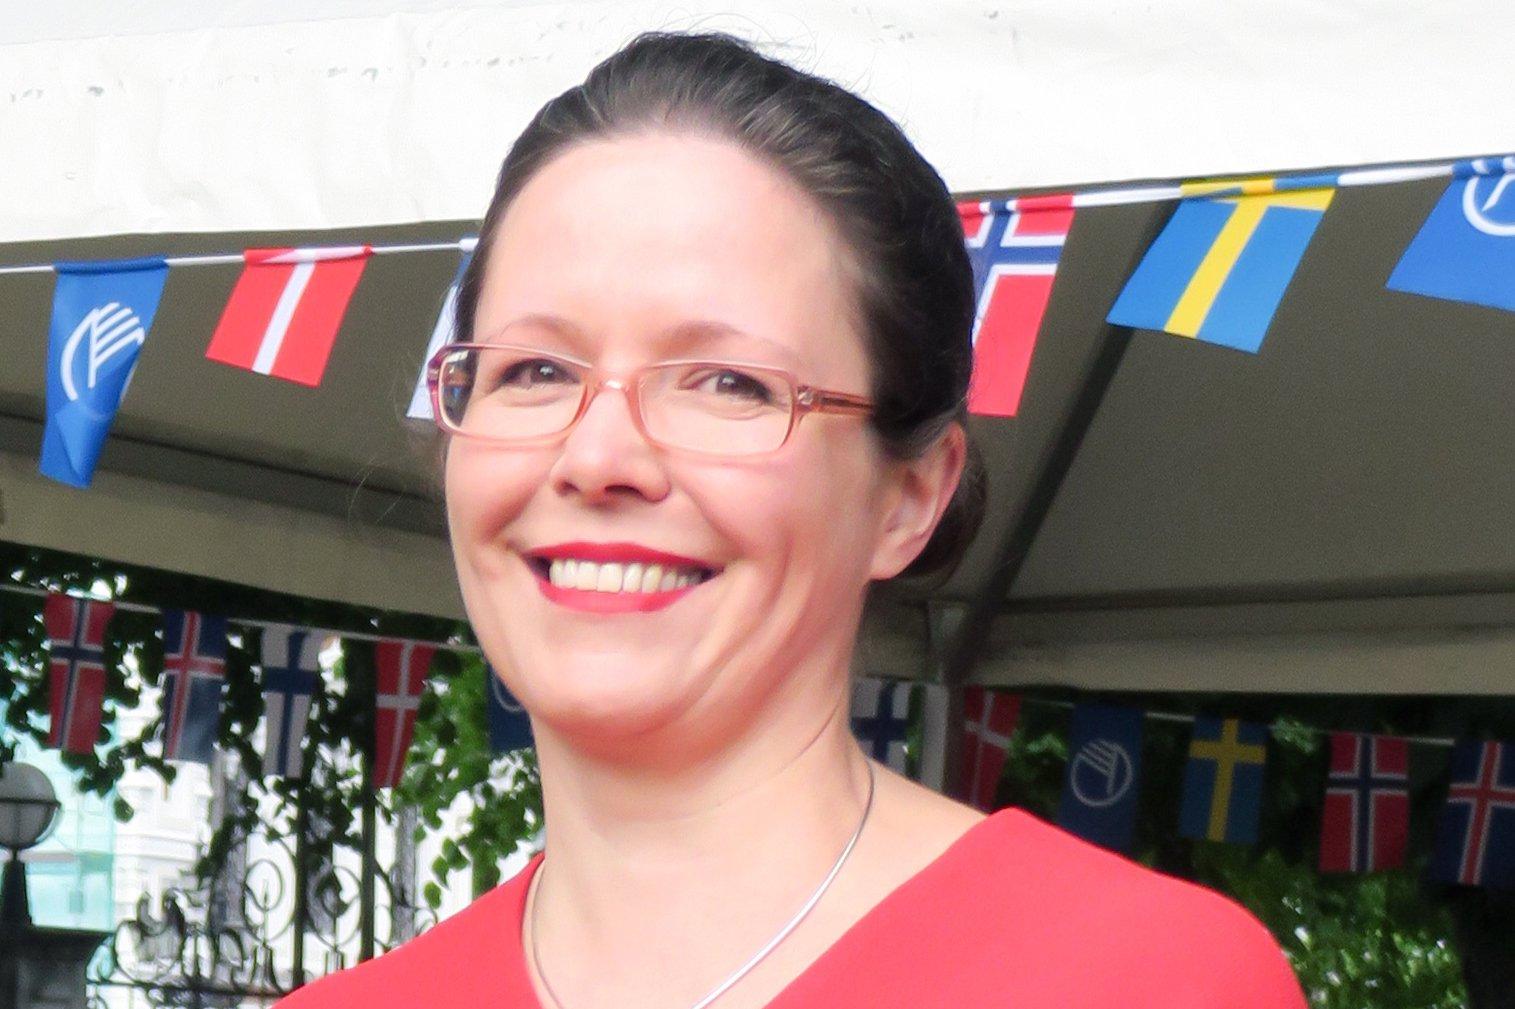 Soome Instituudi uus juhataja on Anu Heinonen